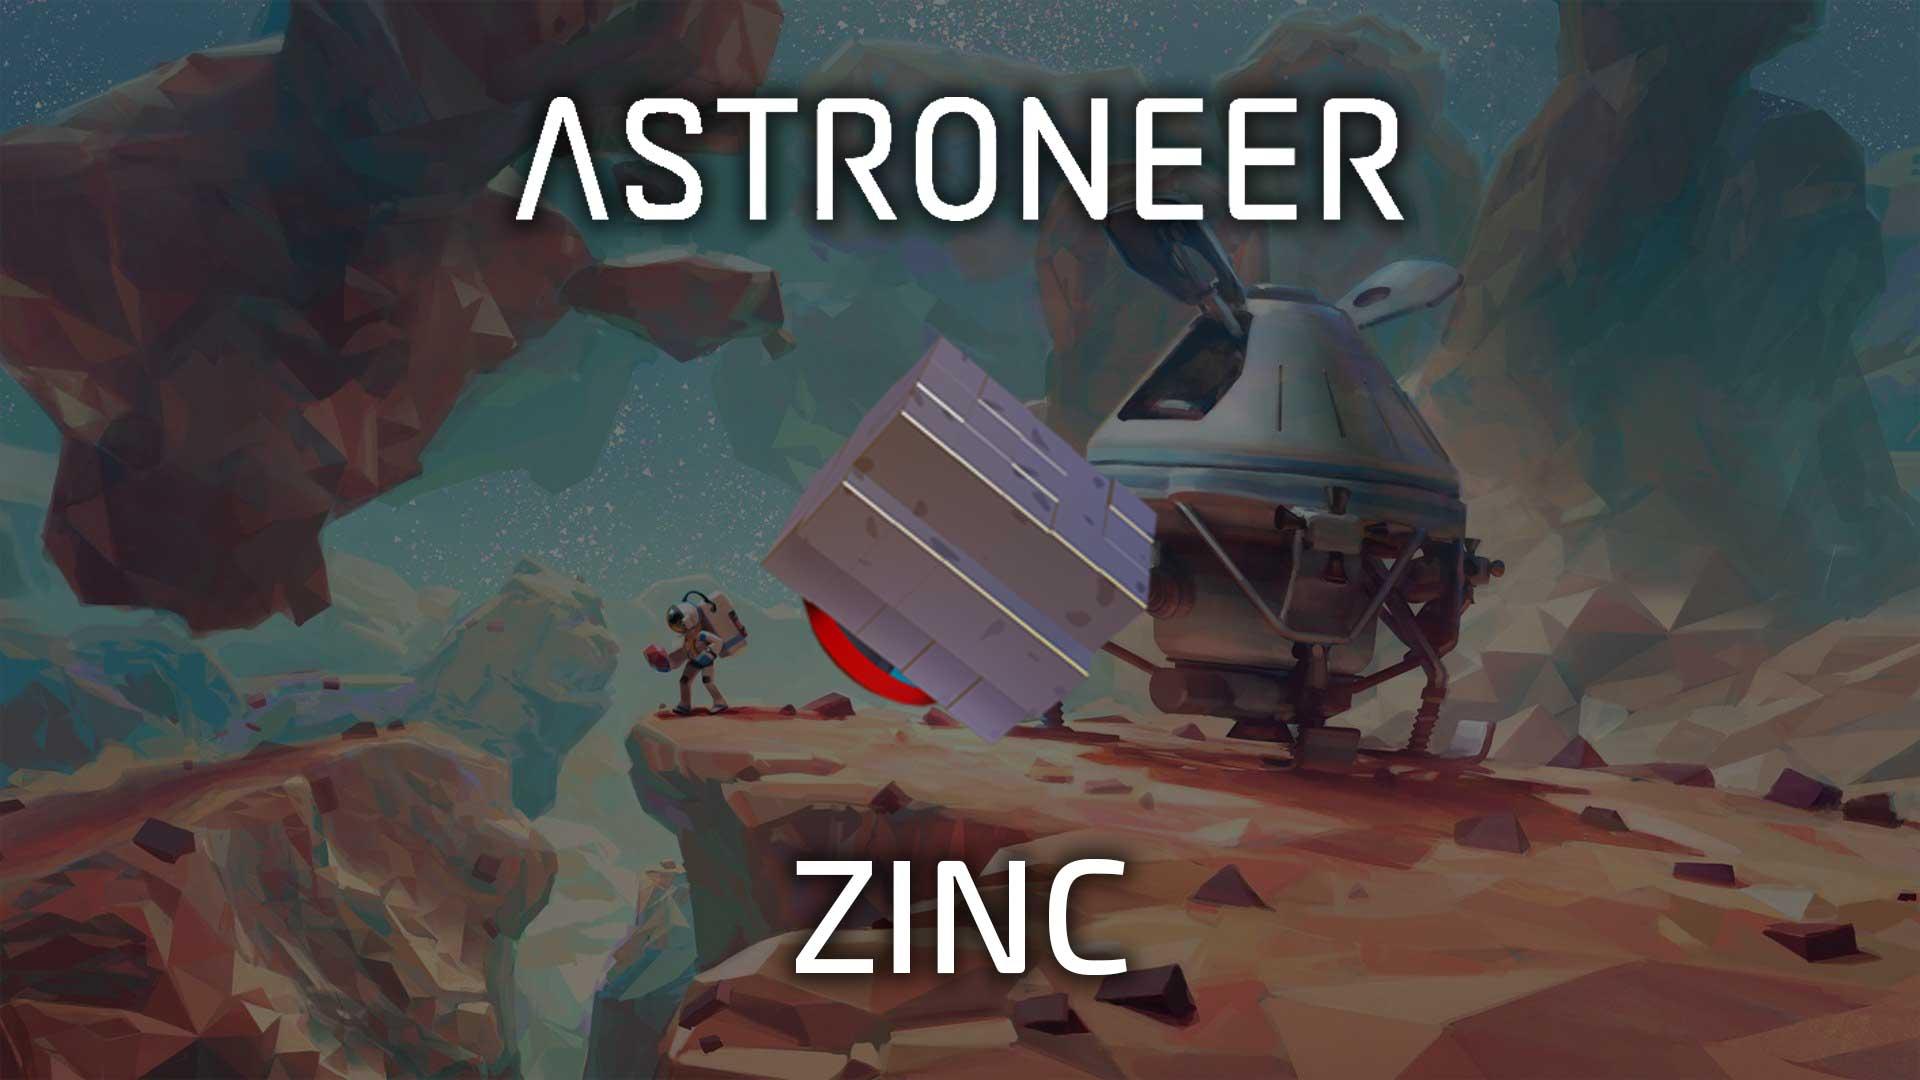 astroneer zinc